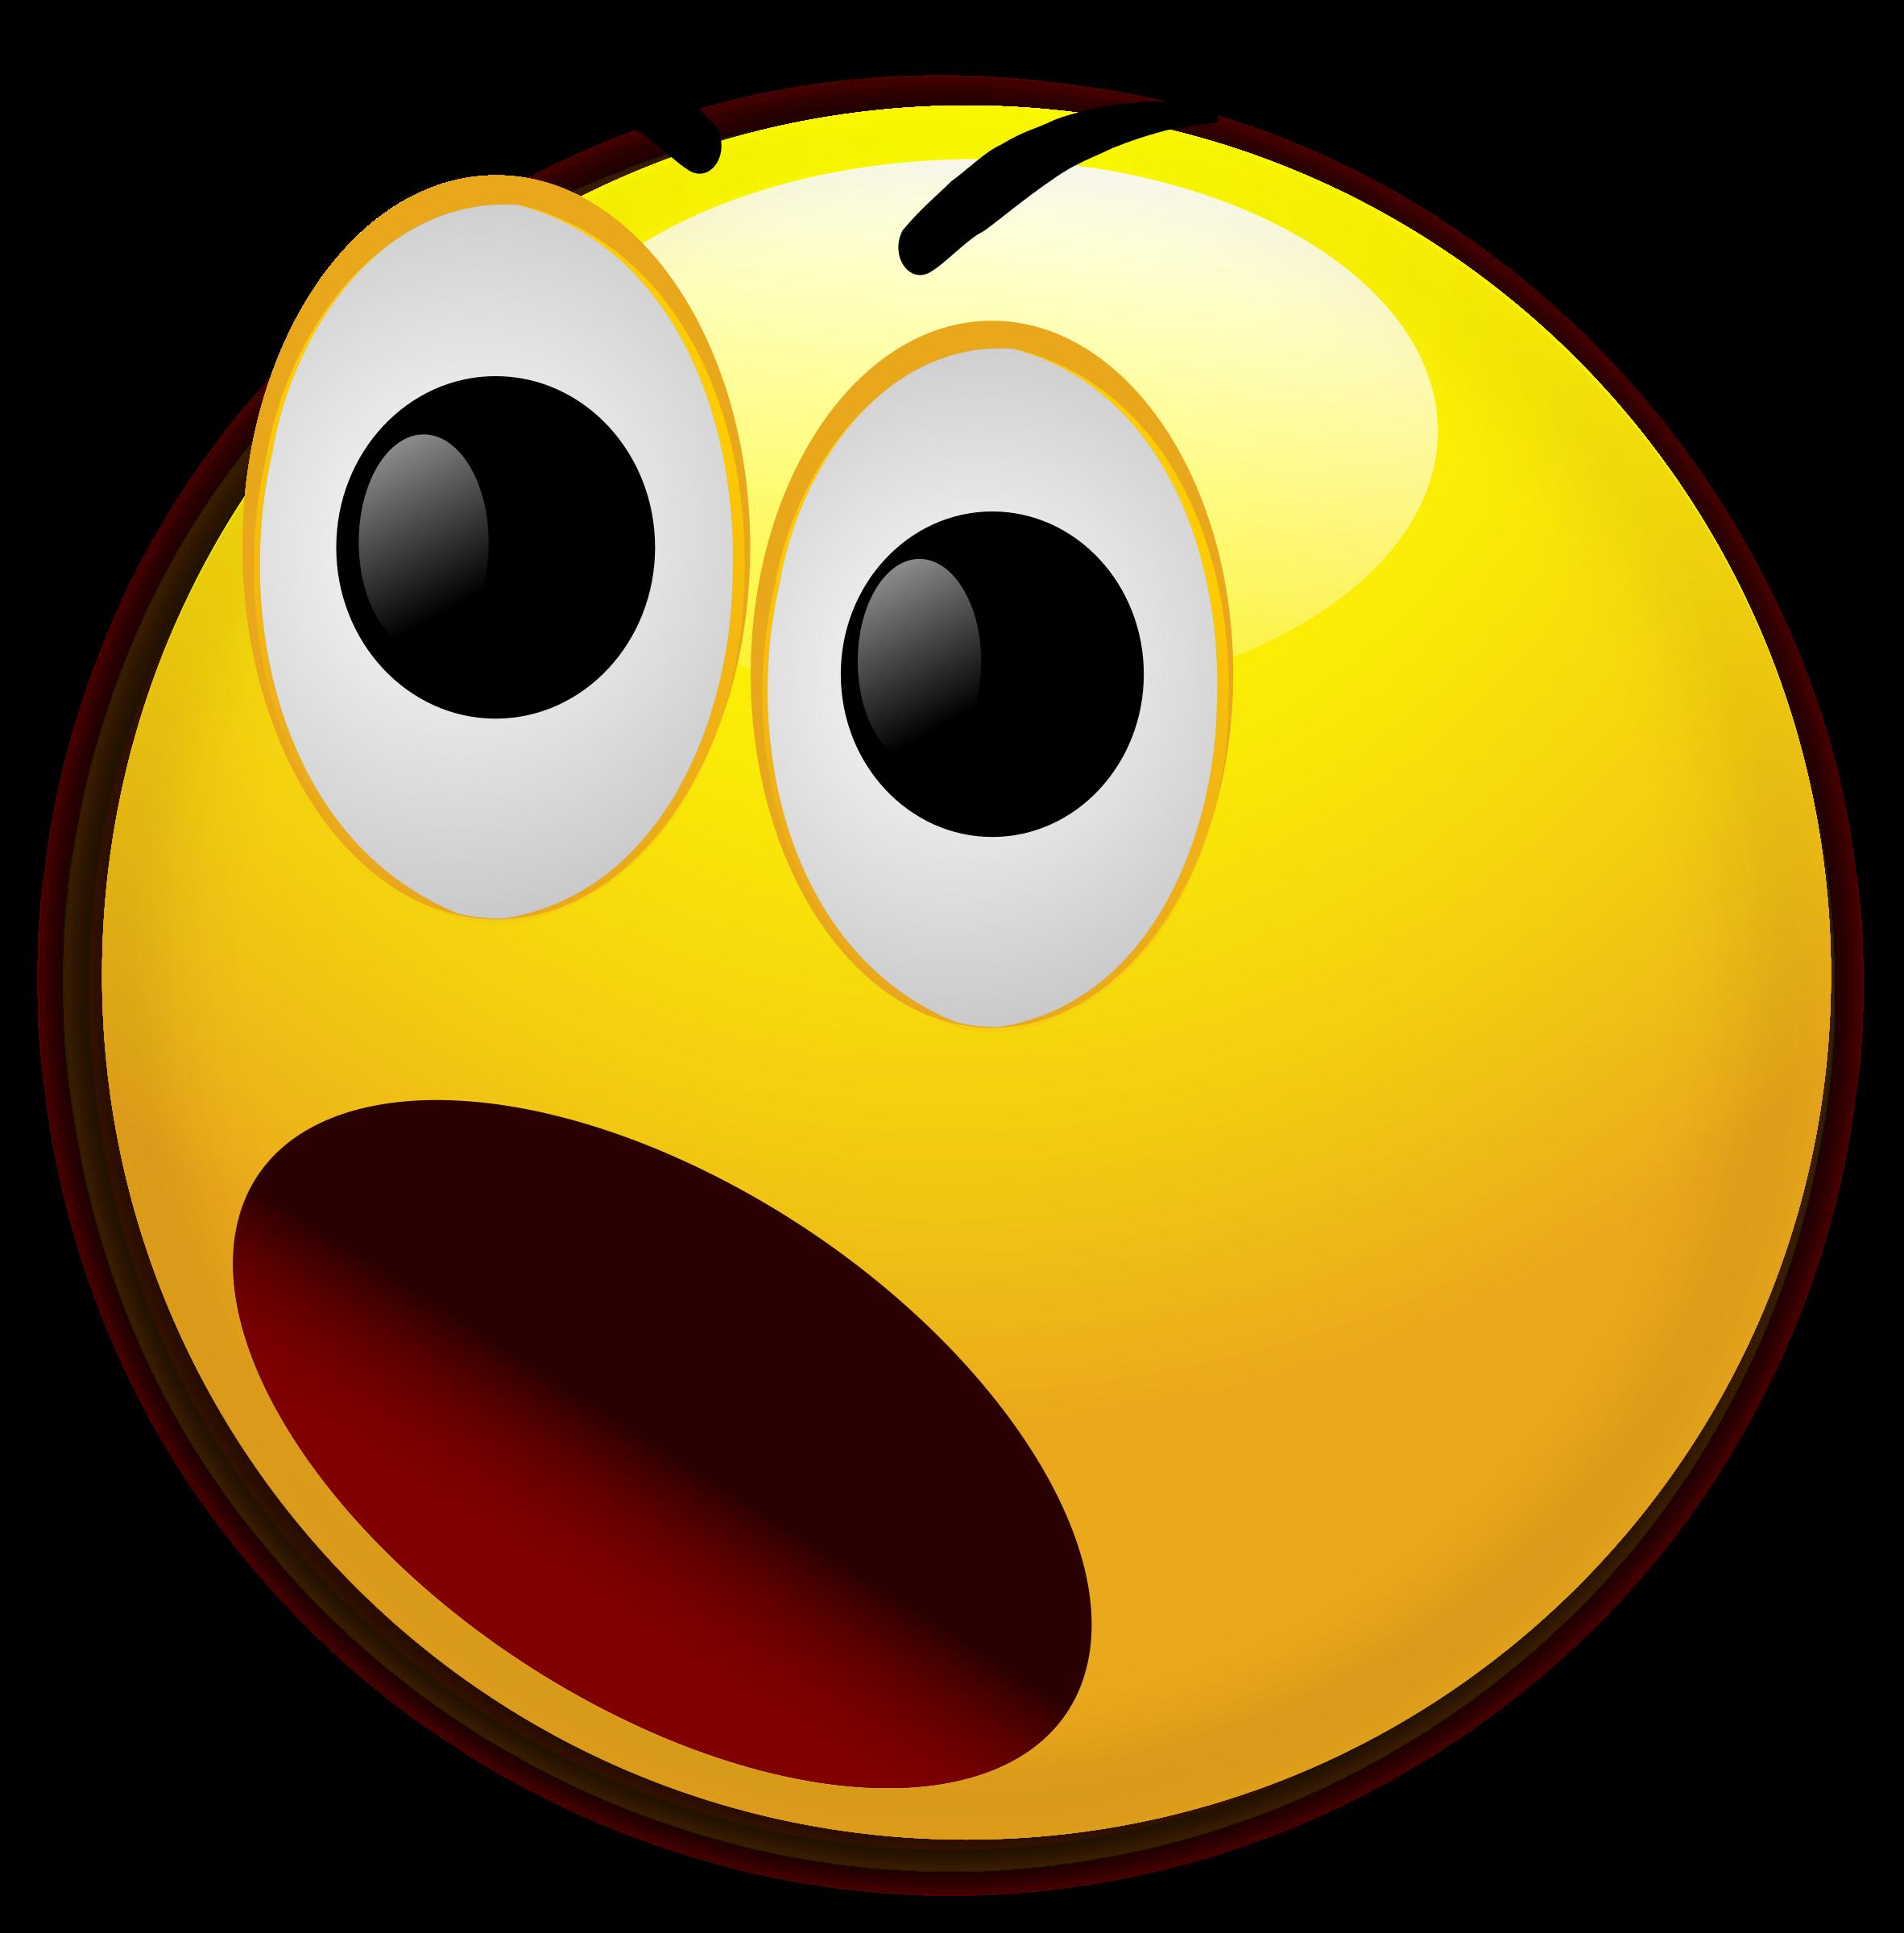 God clipart emoji. Smiley big image png